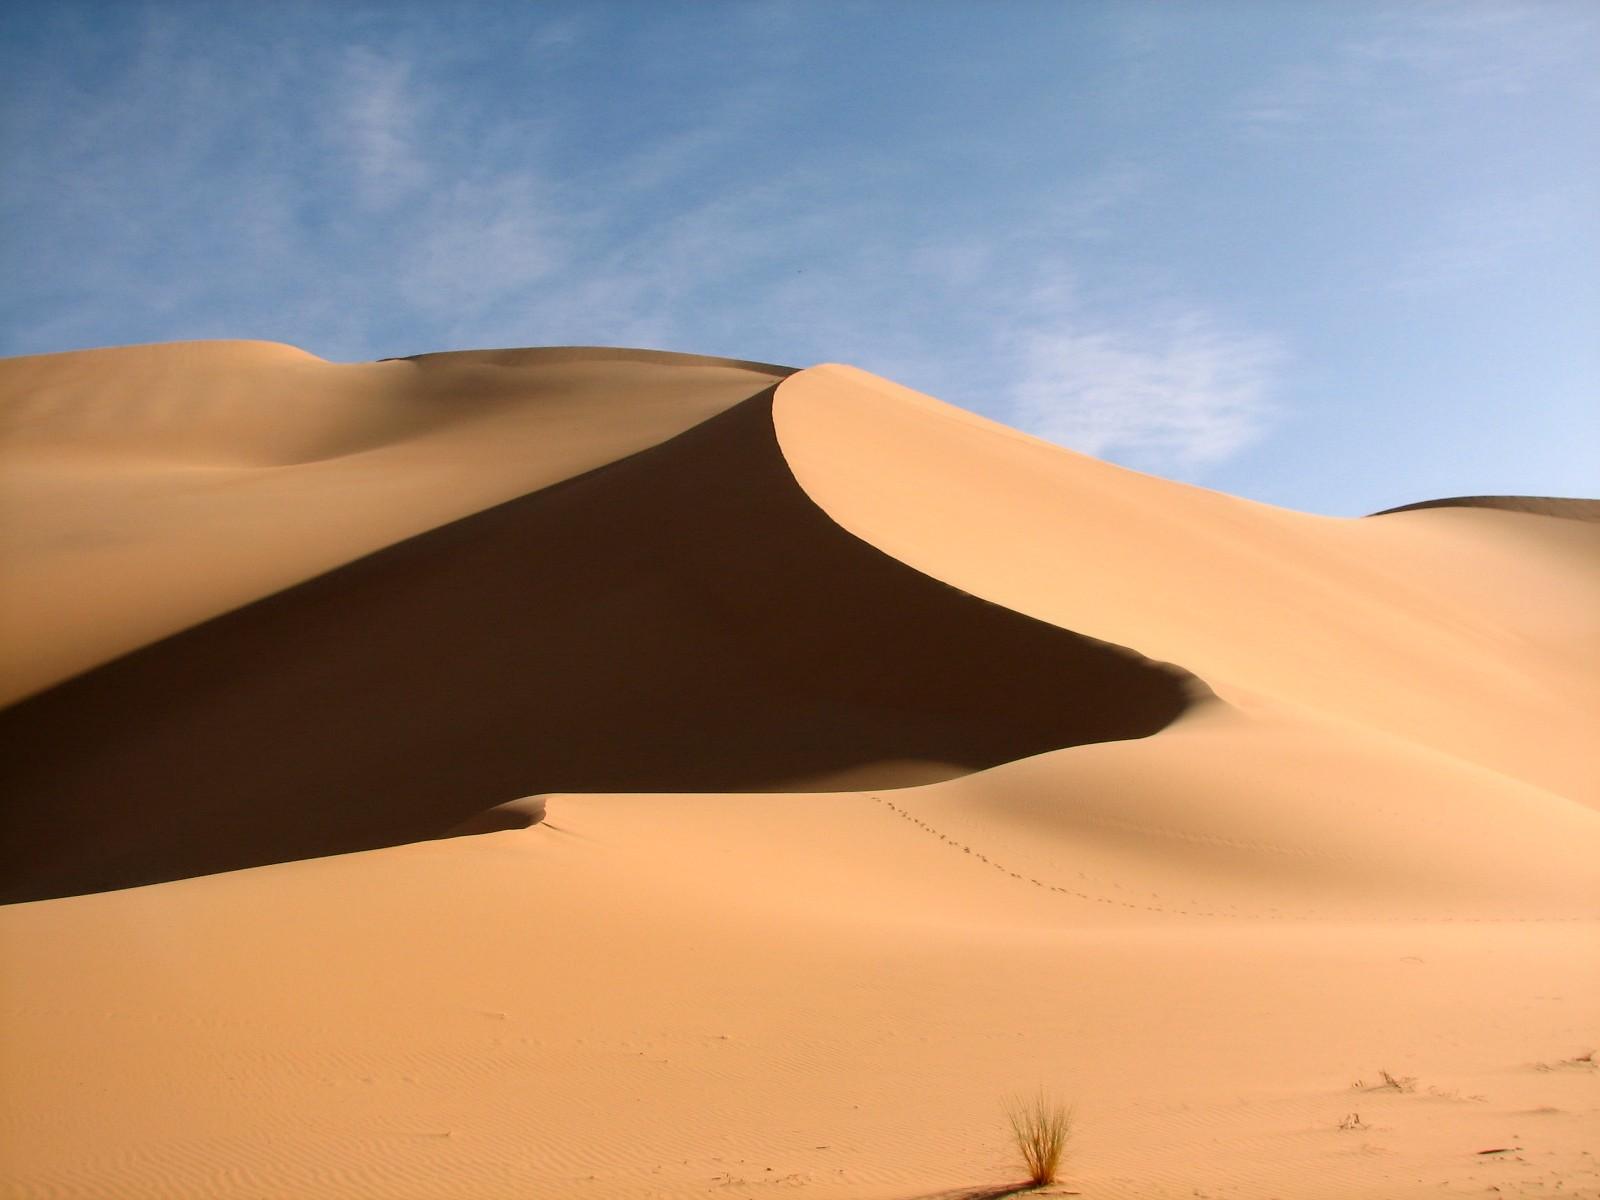 Фото у далекій пустелі 17 фотография